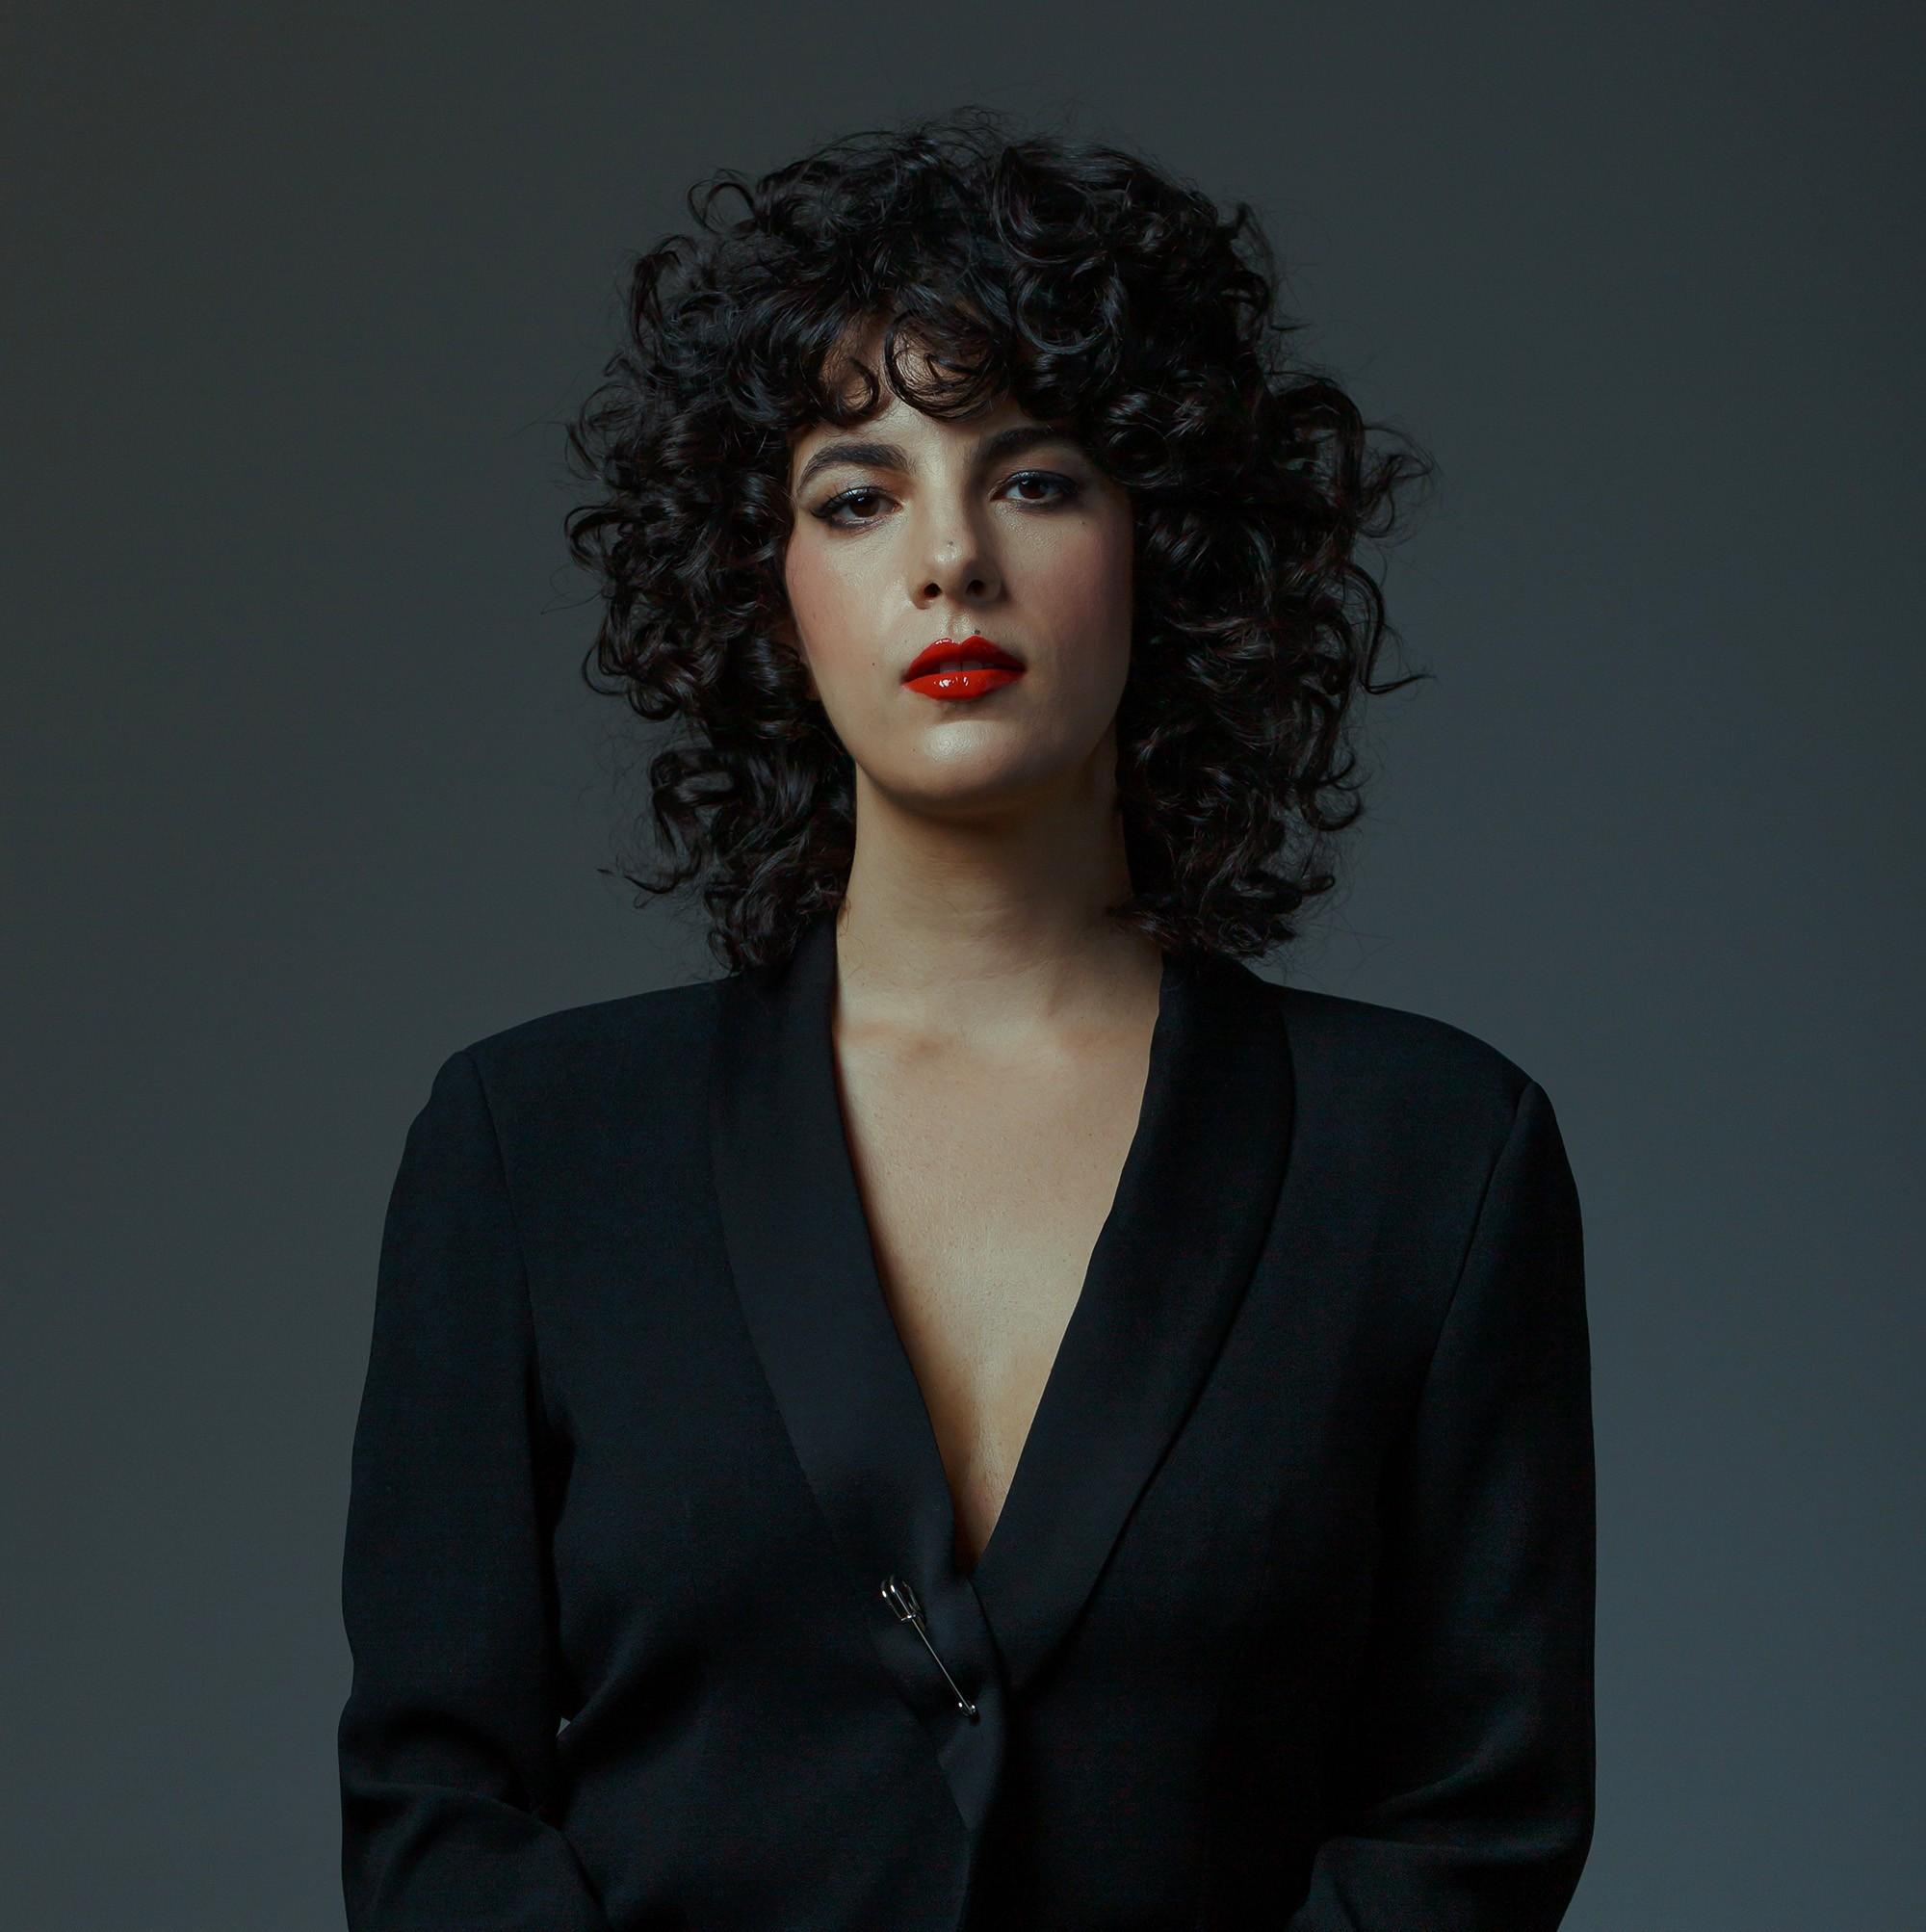 Céu e Pitty são indicadas em premiação musical feminina que terá tributos a Beth Carvalho e a Gal Costa - Notícias - Plantão Diário